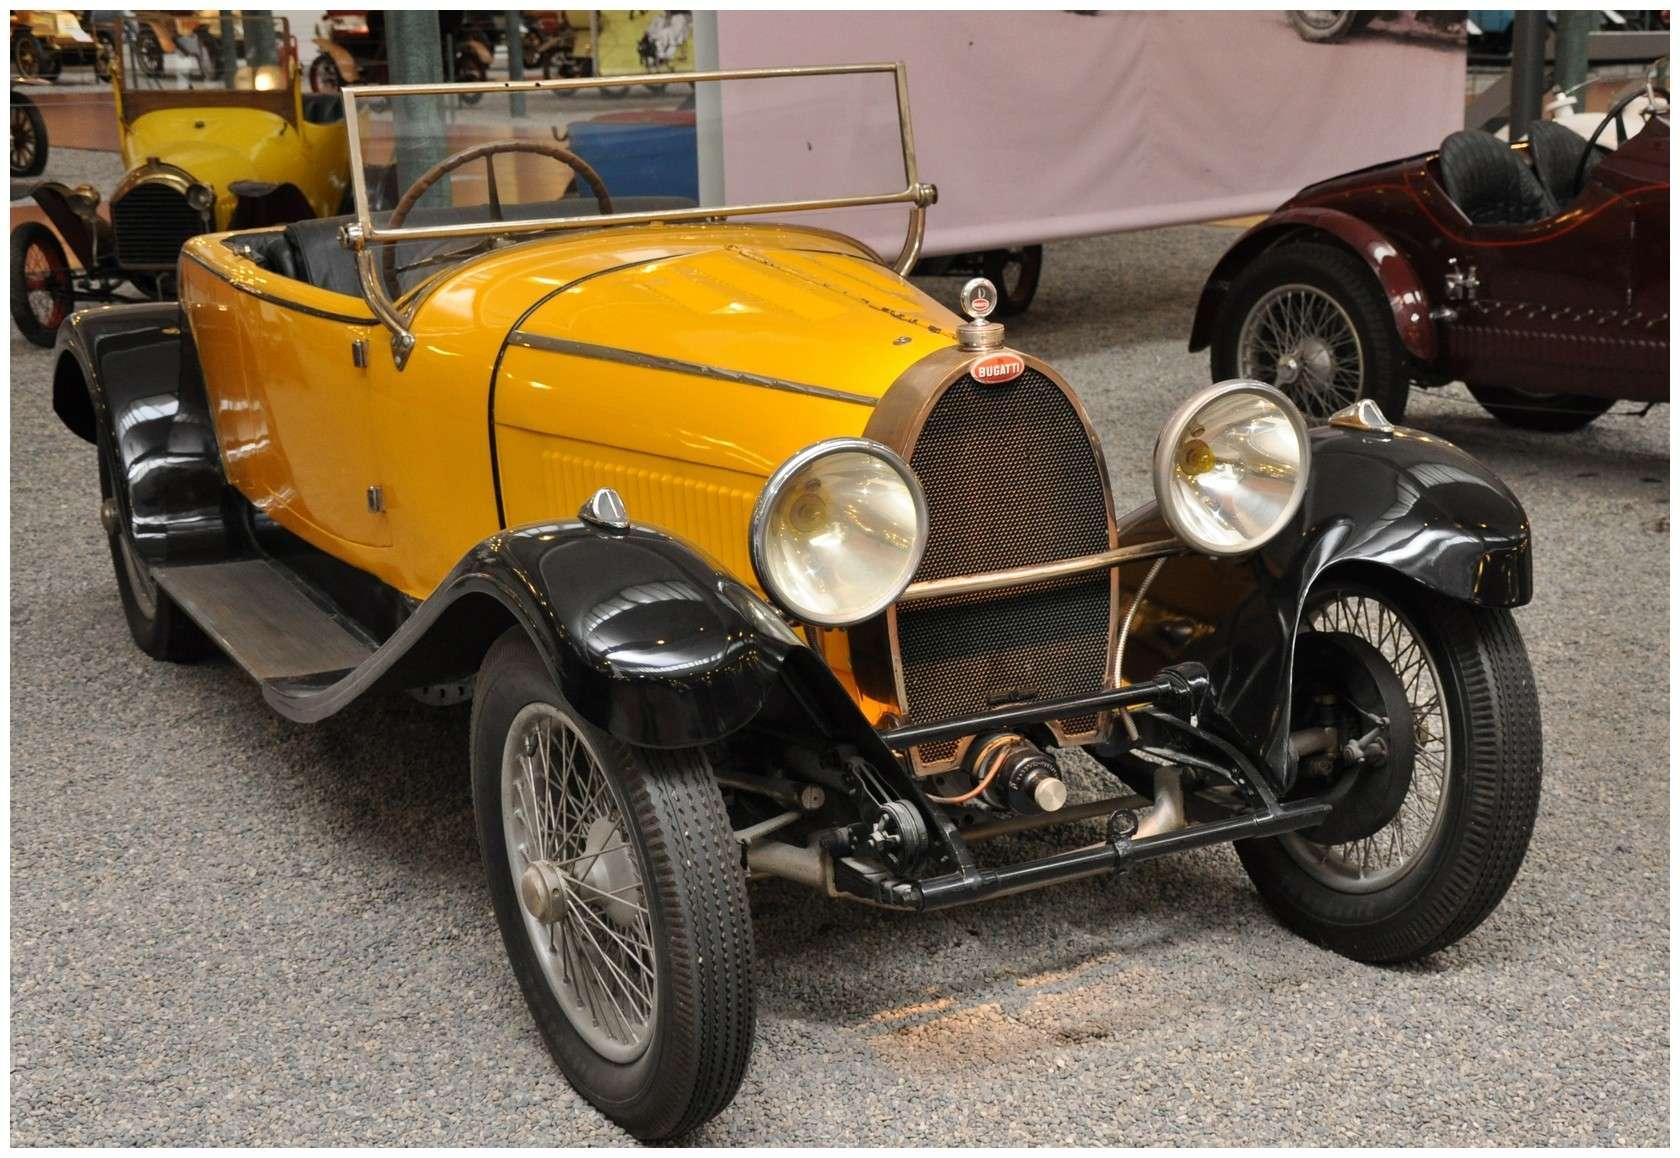 Mulhouse: La Cité de l' automobile, the largest car museum in the world. Torped10